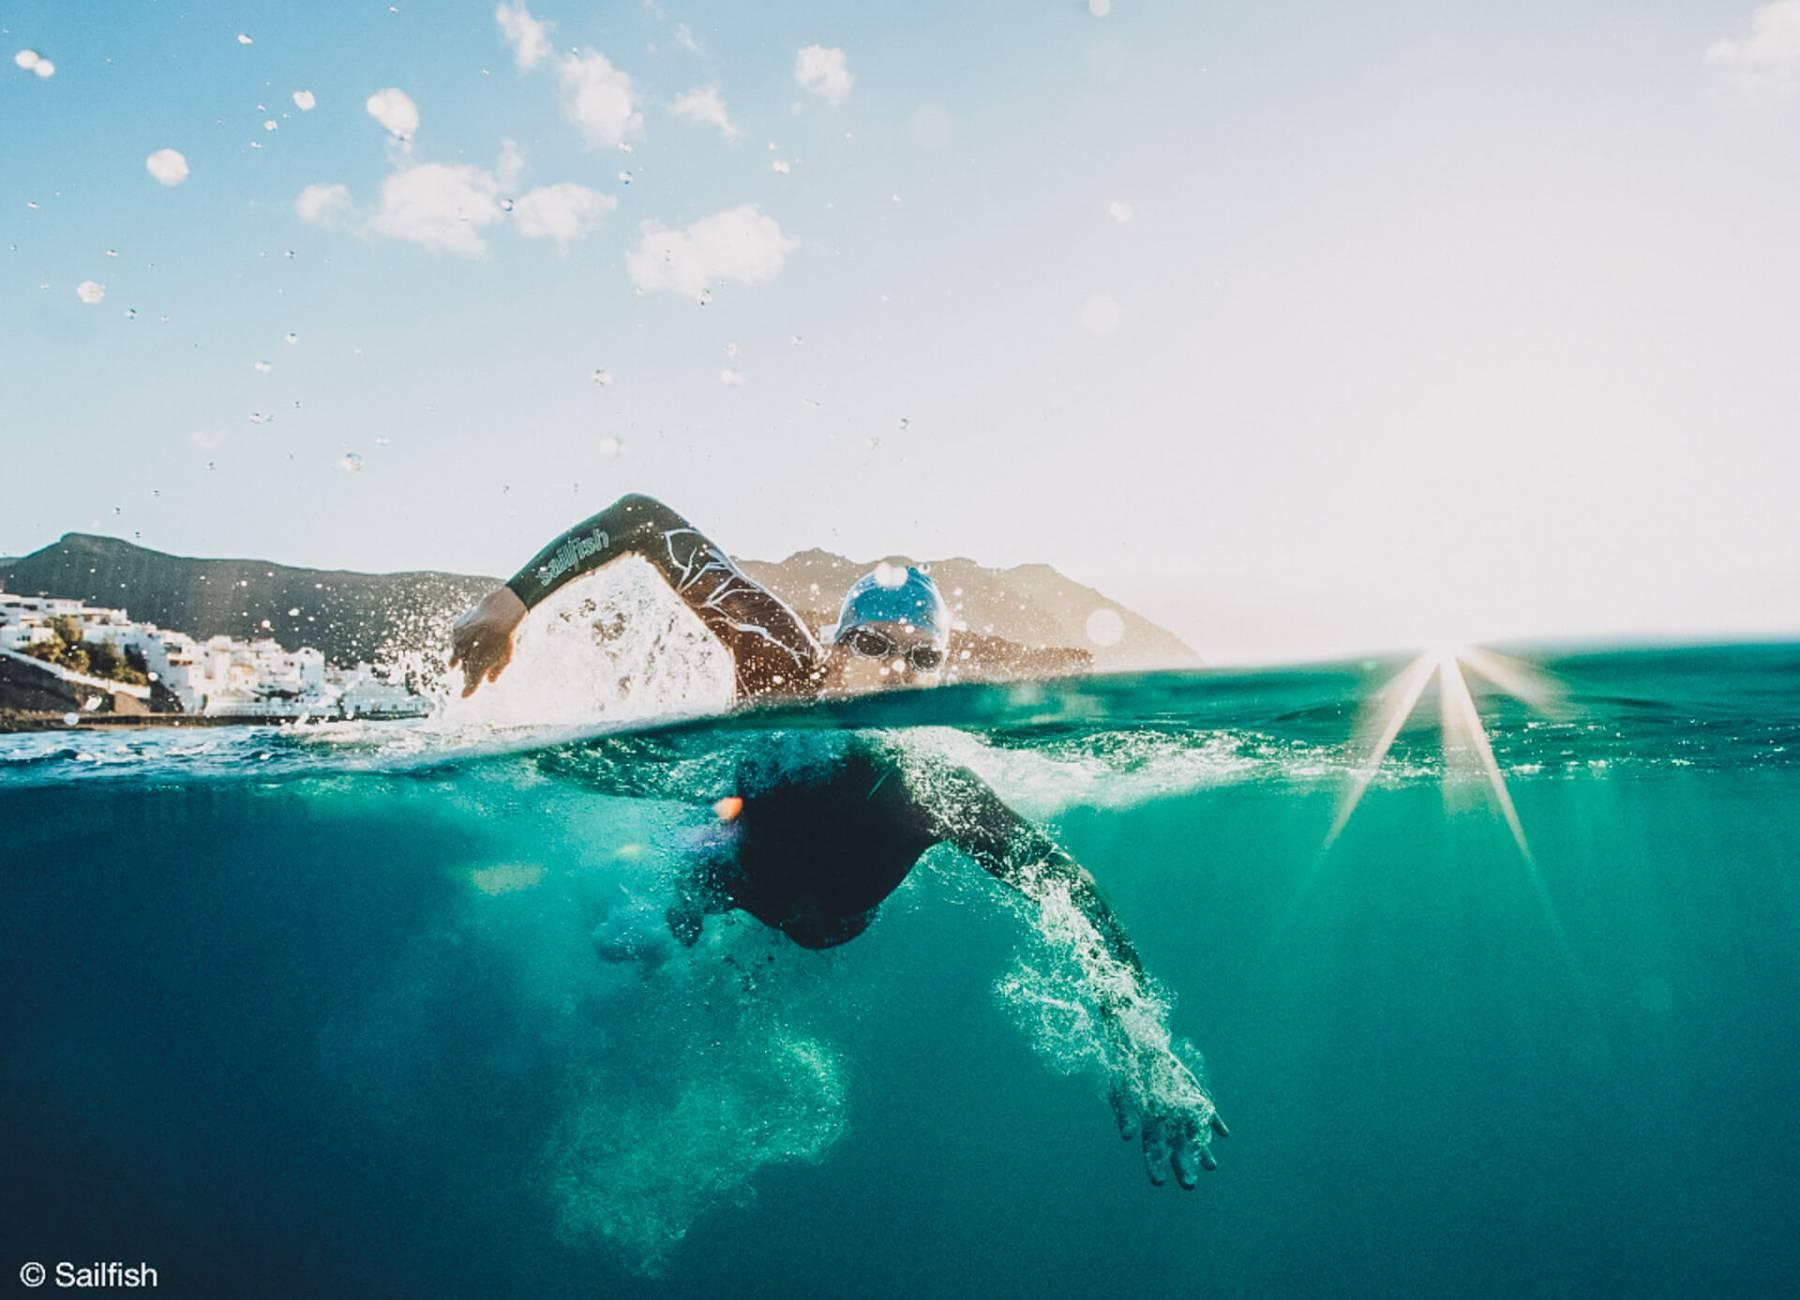 Schwimmen nach der Zwangspause: So klappt der Wiedereinstieg